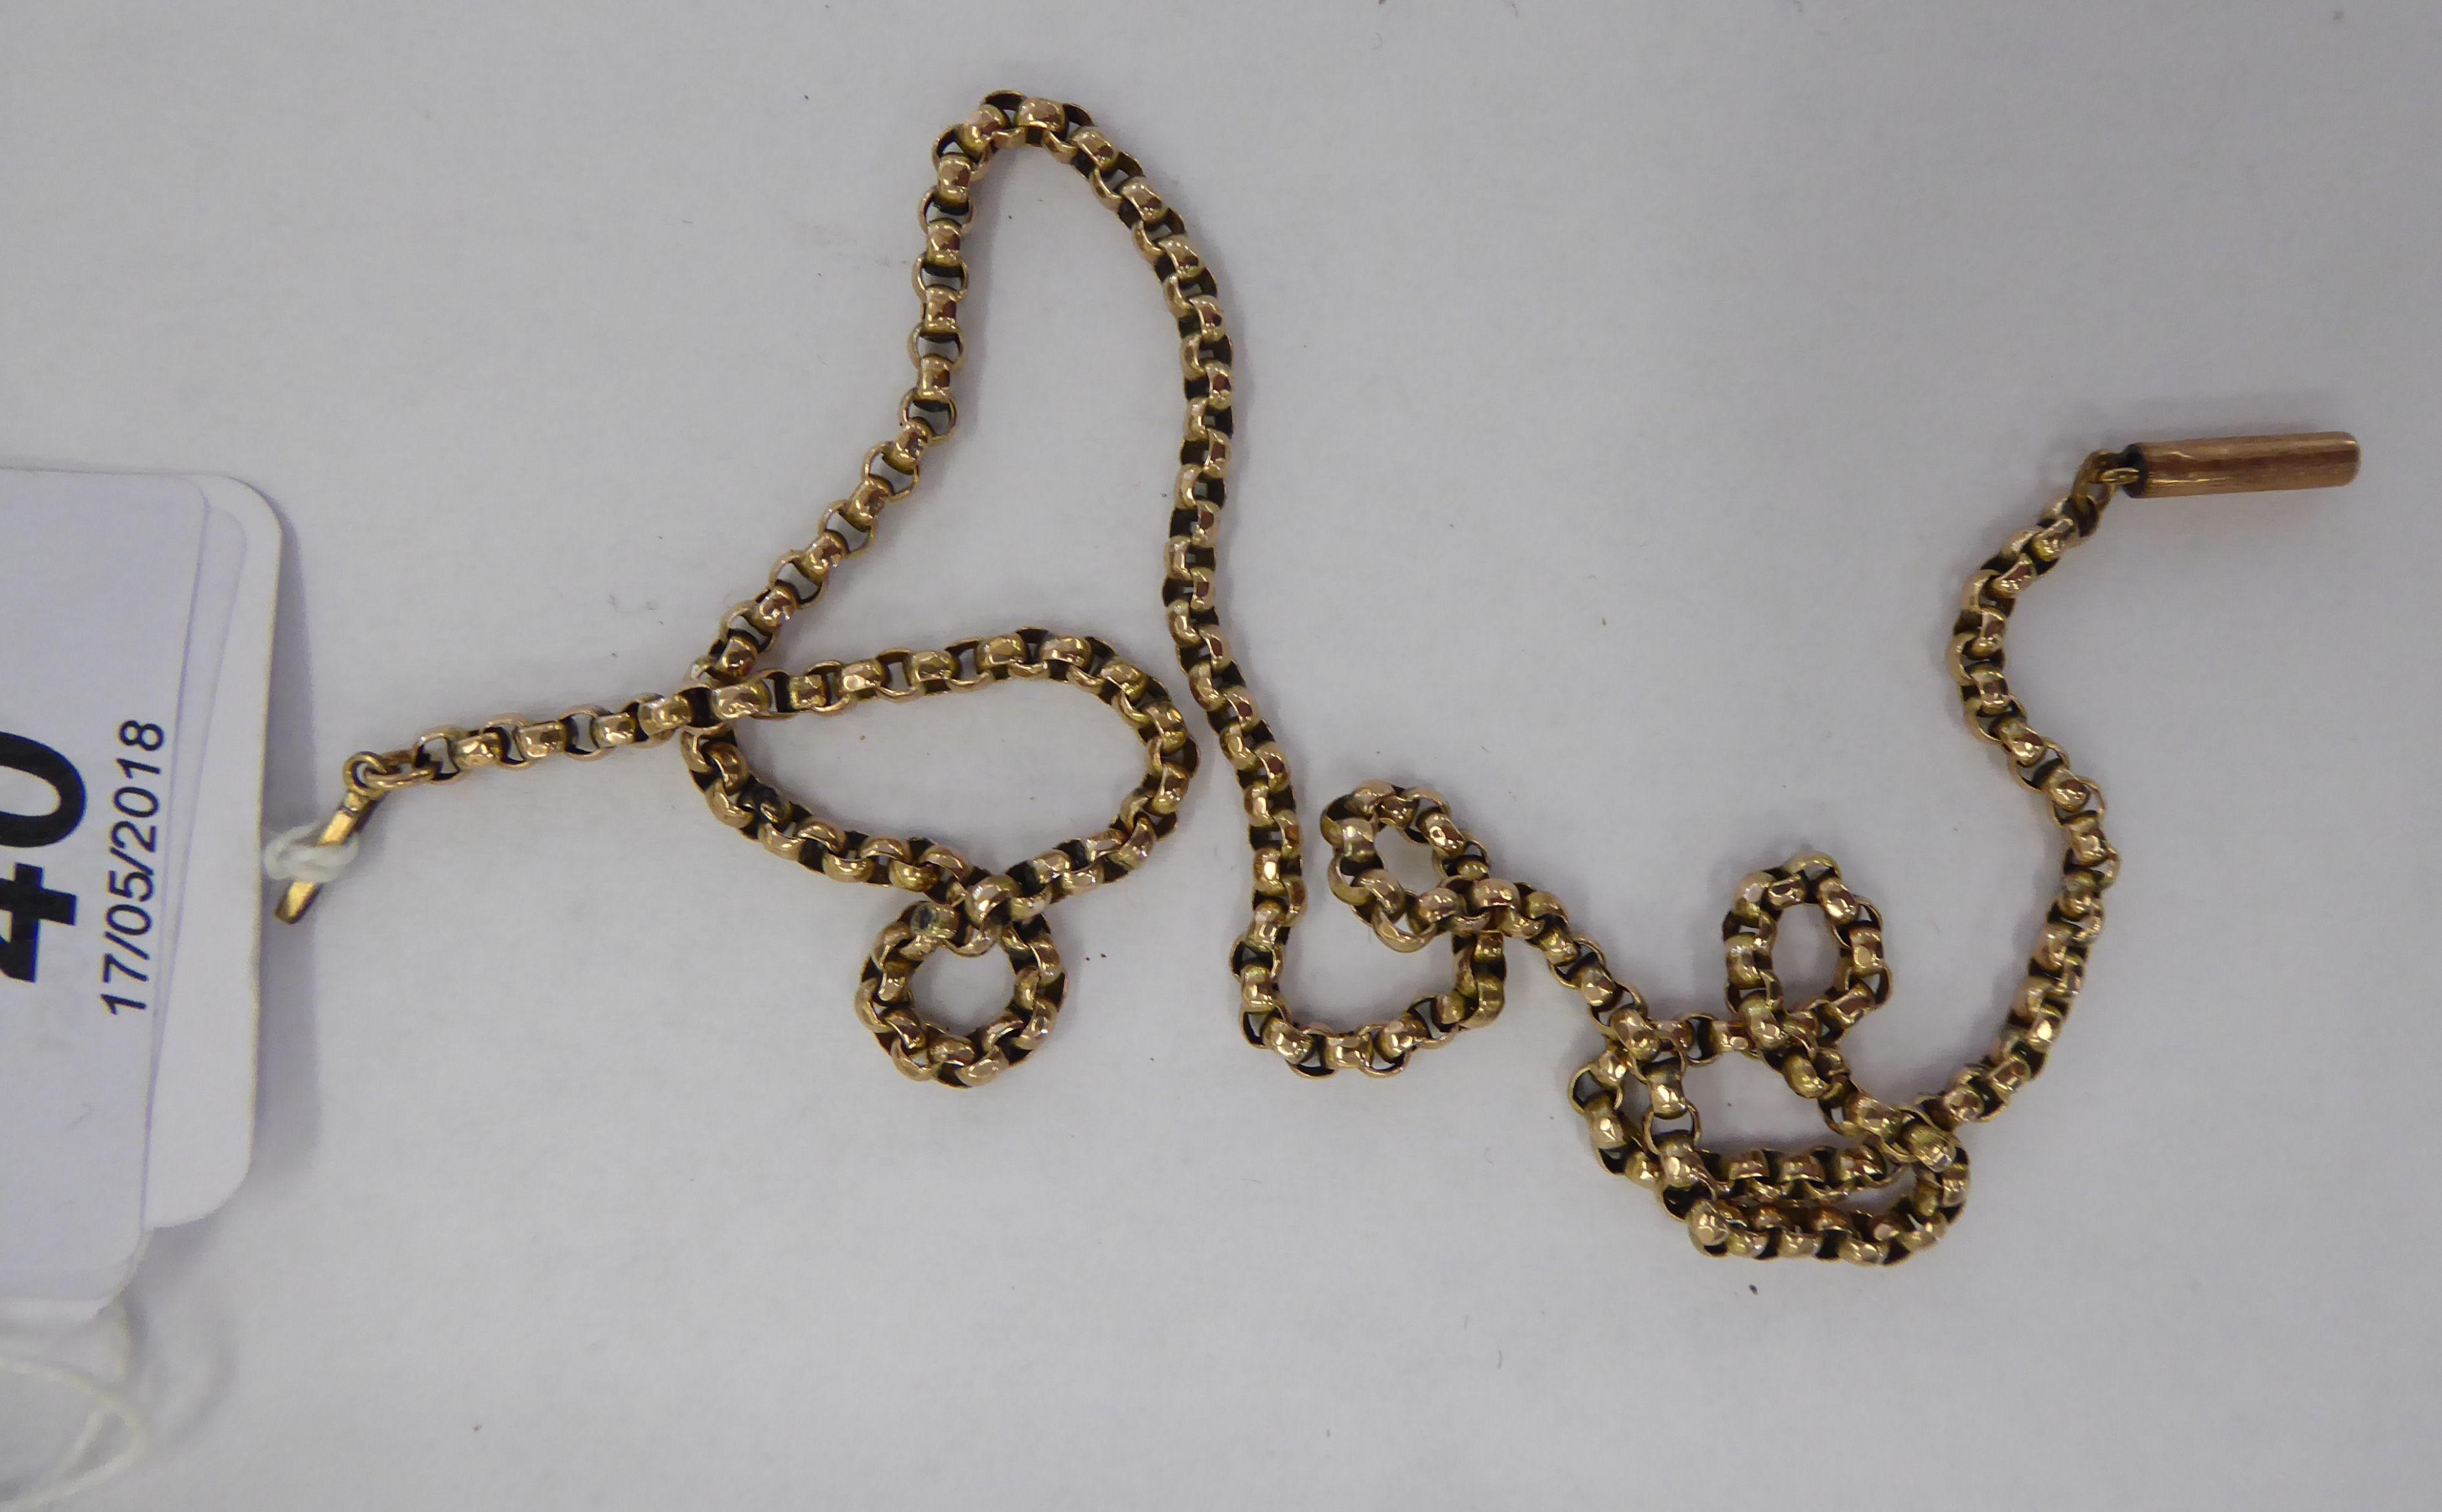 Lot 40 - An 'antique' 9ct gold belcher link neckchain 11